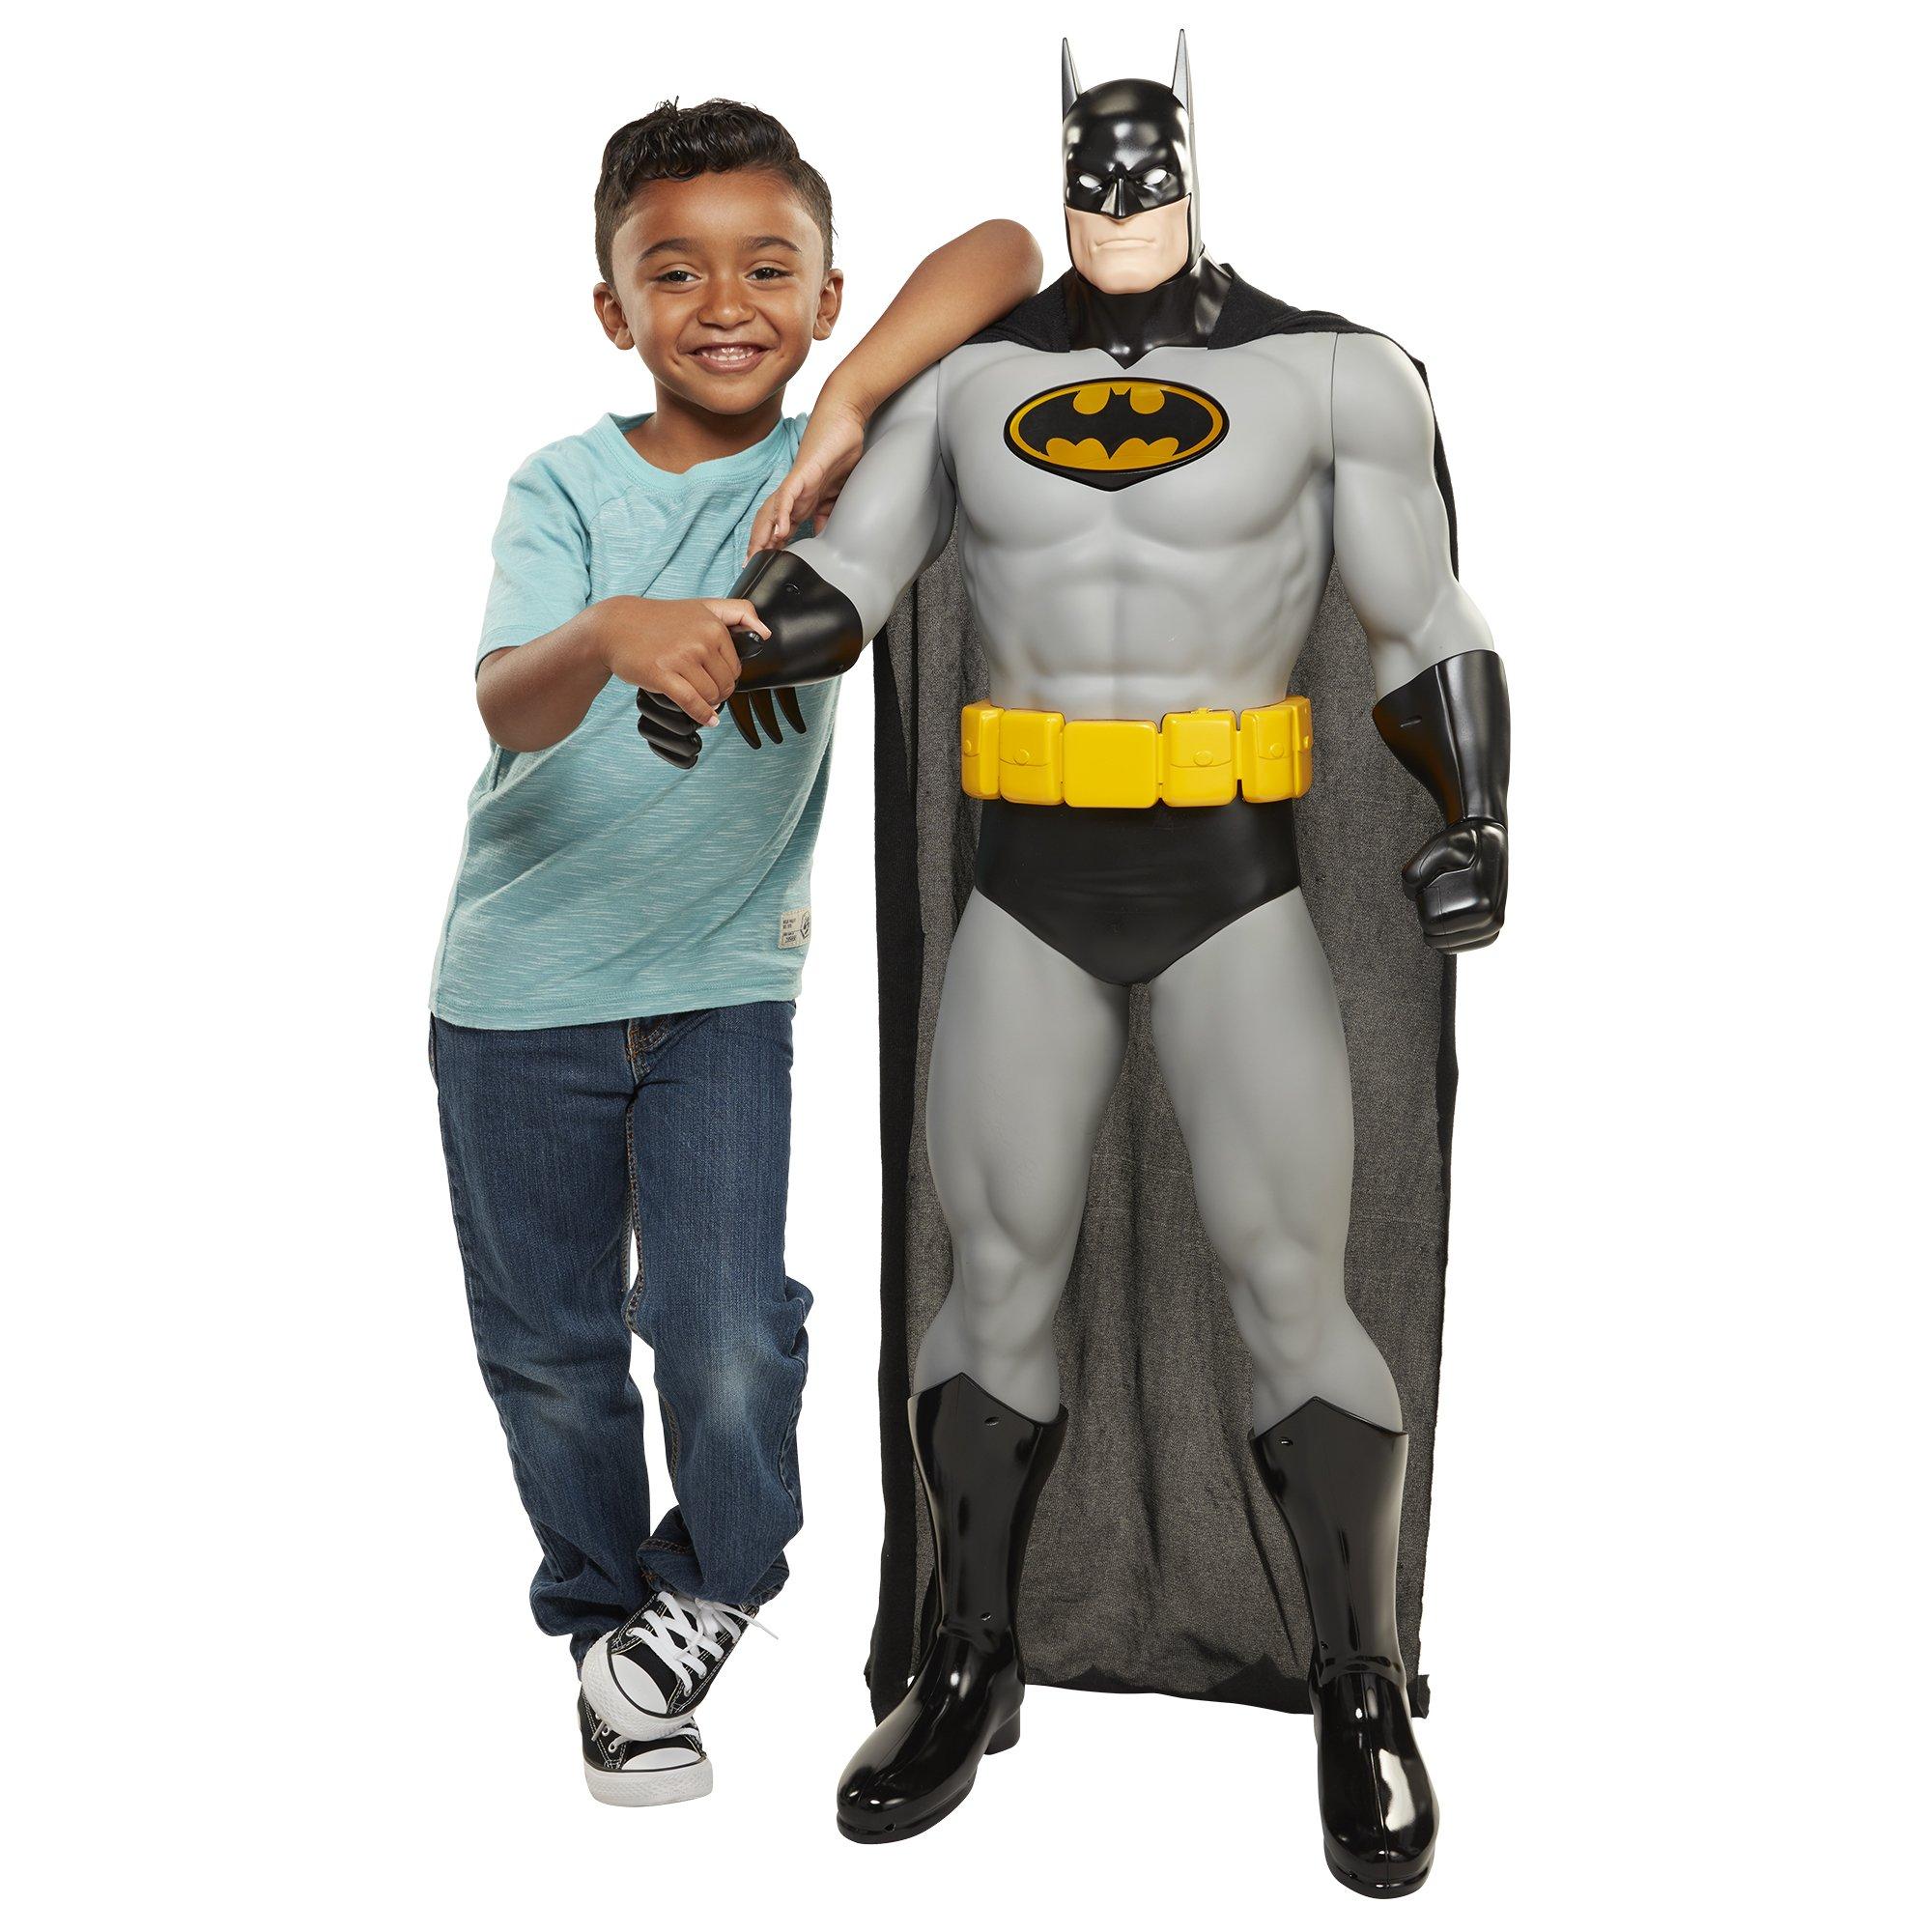 DC Universe 48-Inch Gotham City Guardian with Bat-Signal Light, Batman Action Figure